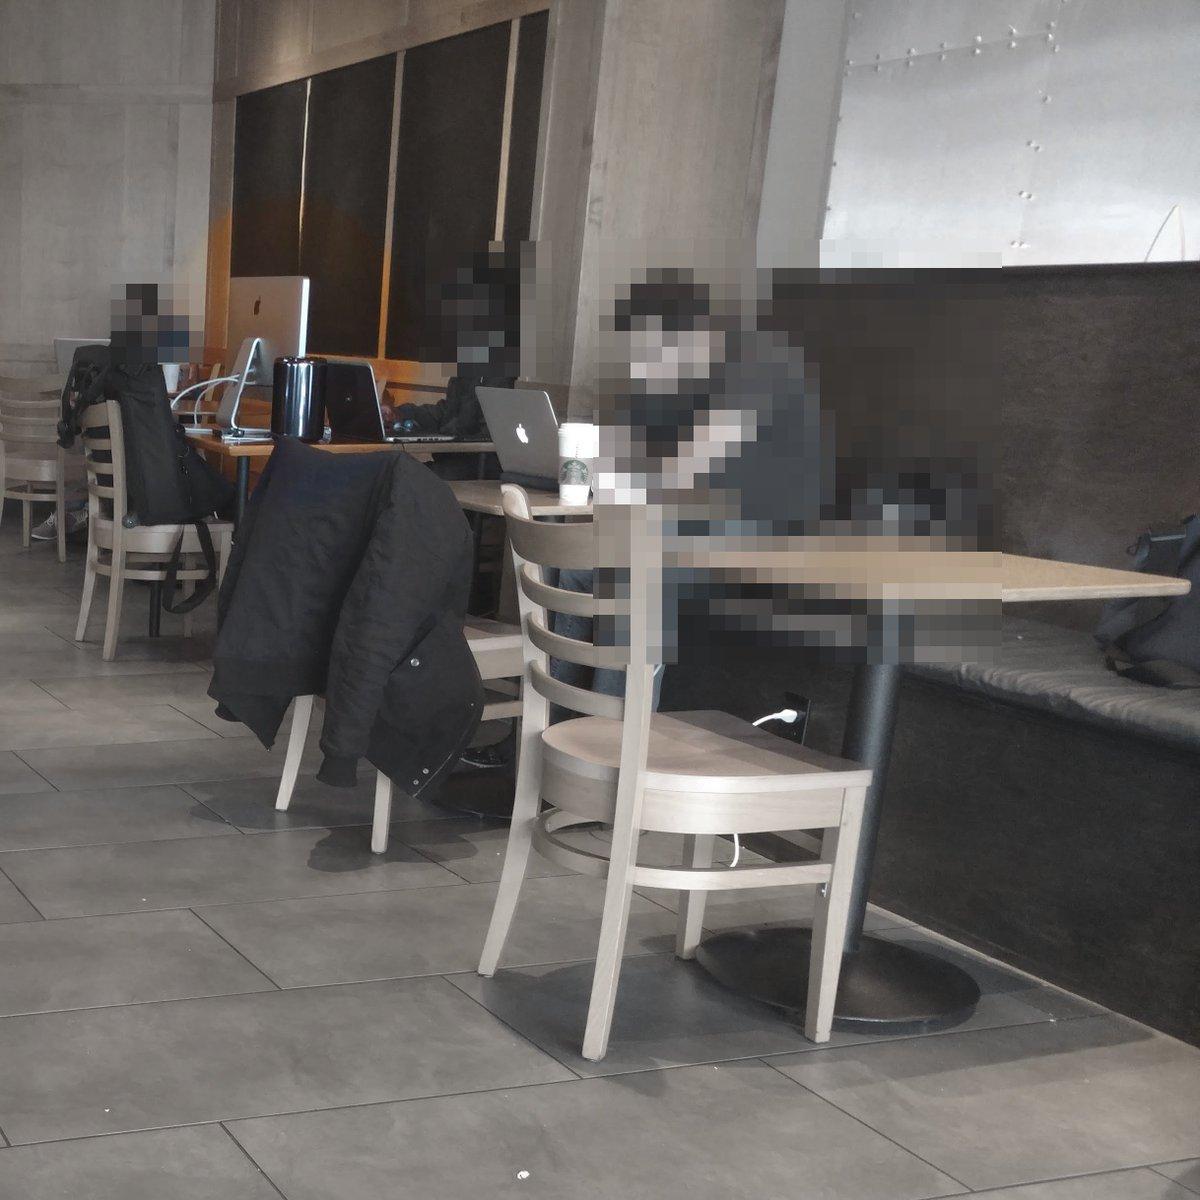 我活了这么大,第一次在 Starbucks 见到有人在用 Mac Pro。 https://t.co/enAxW3mhnv